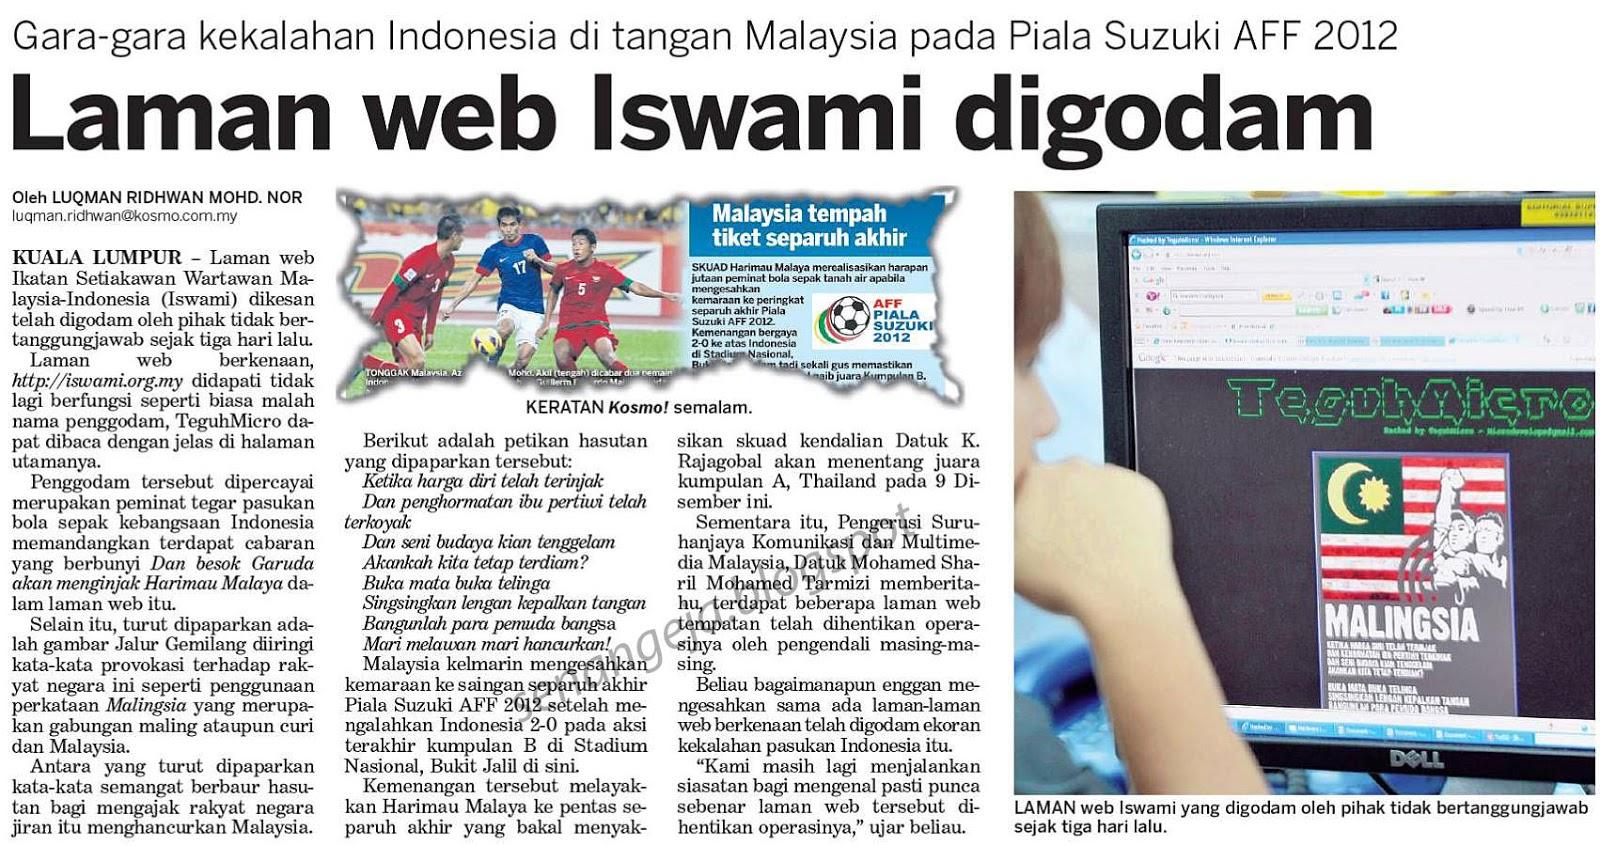 belajar router menyiapkan laporan java jasper dan kemaskini web bukan kerja pejabat yang kena godam akibat serangan indonesia kerana kalah dalam